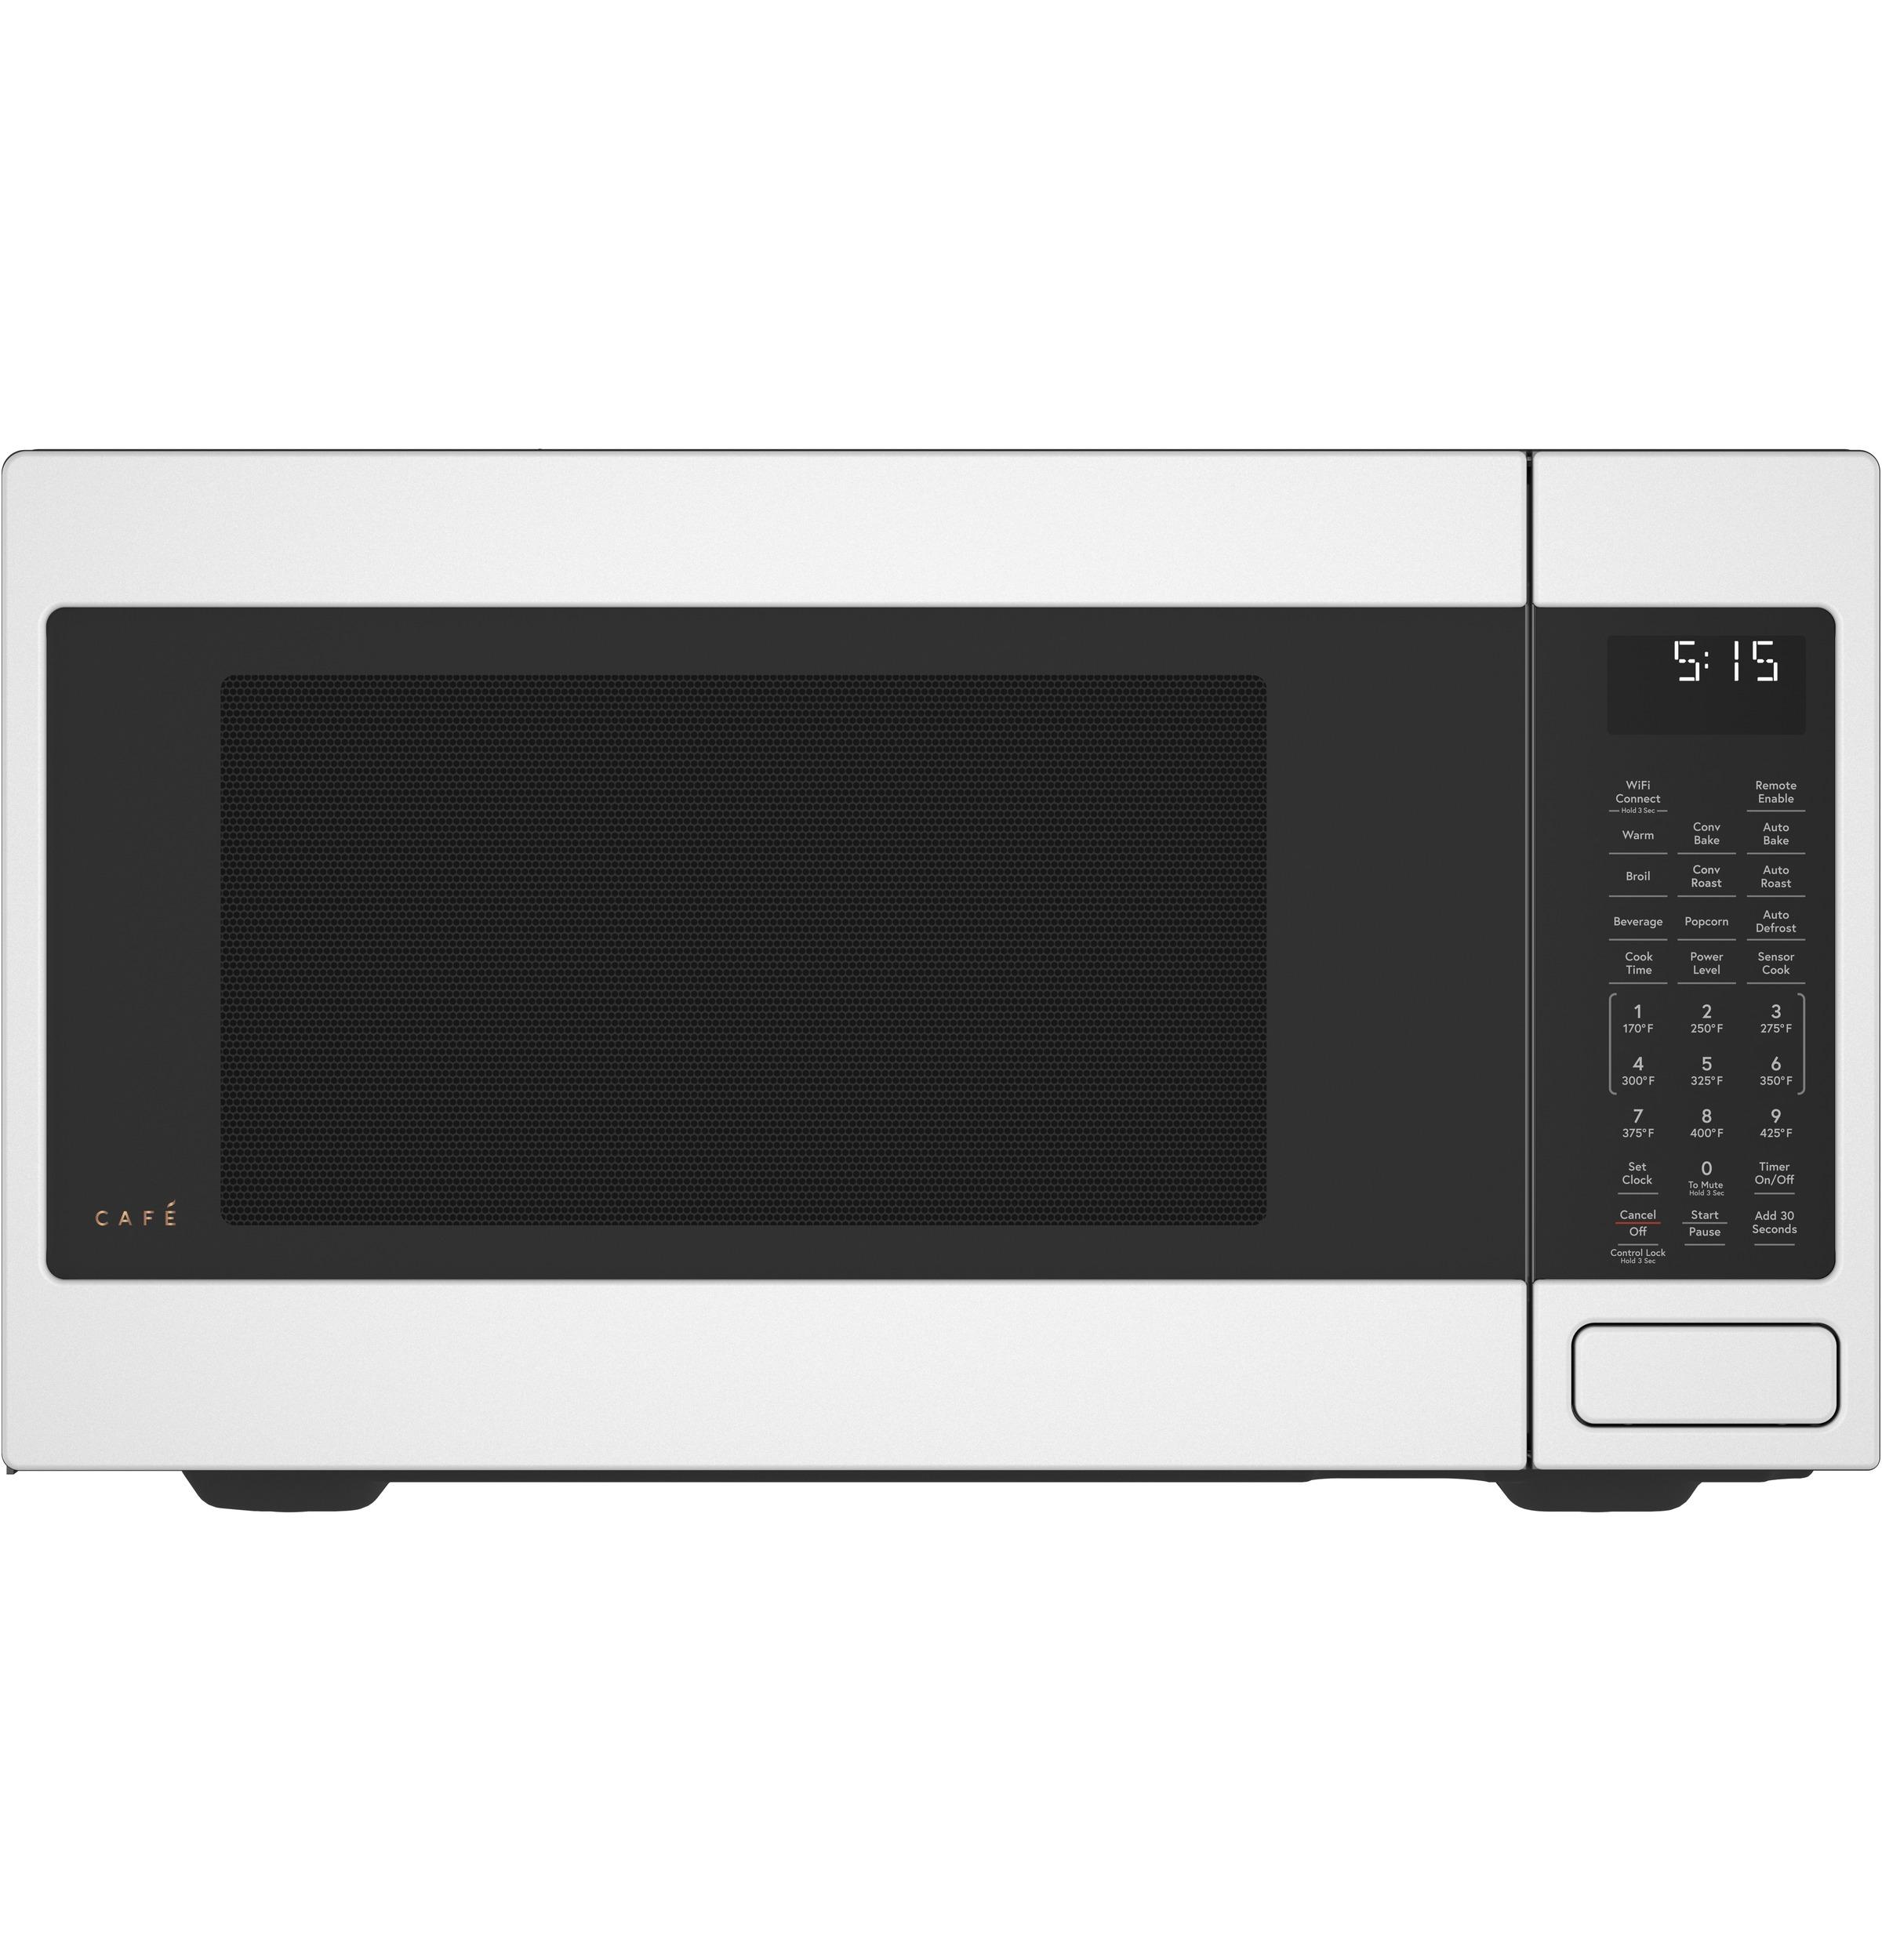 Café™ 1.5 Cu. Ft. Countertop Convection/Microwave Oven